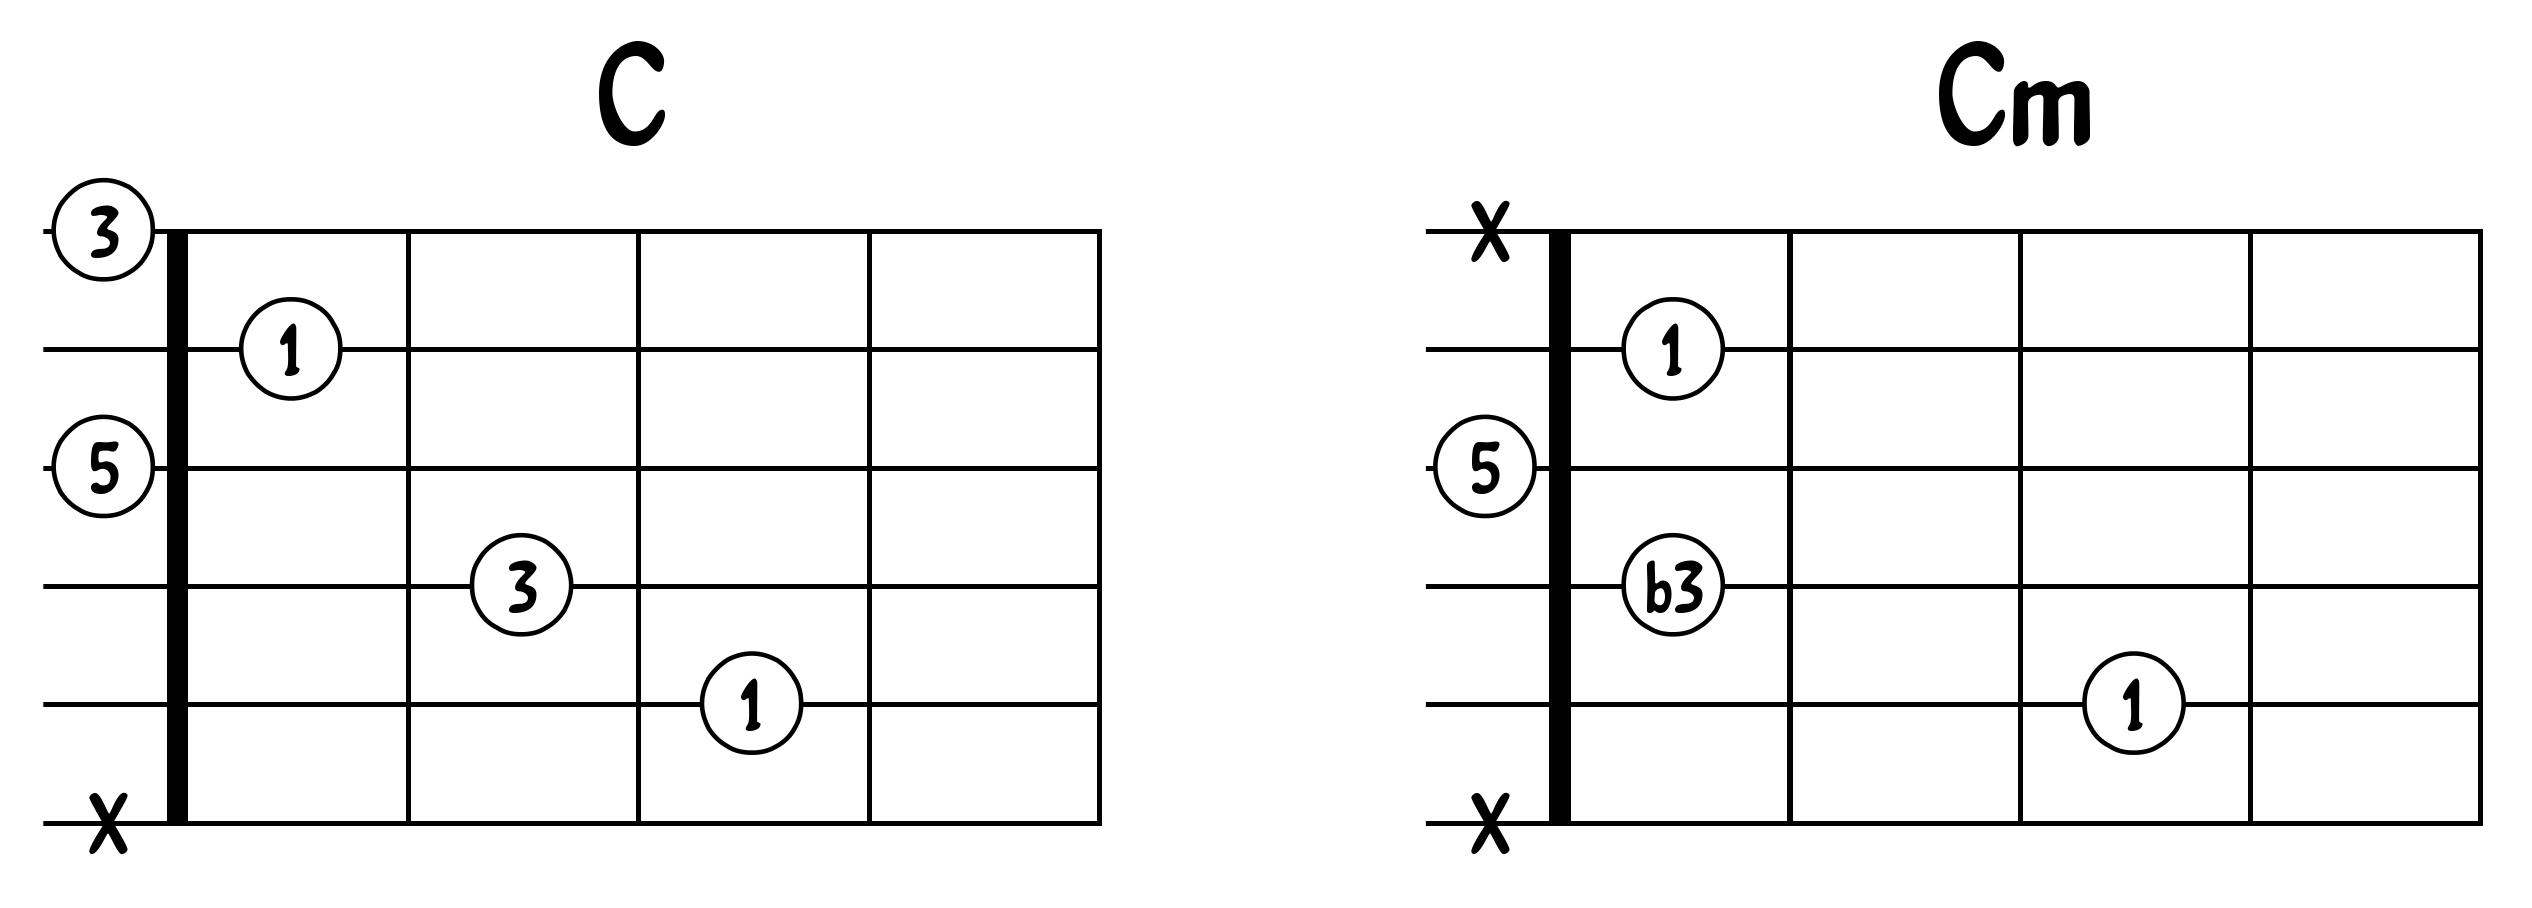 Comparaison C et Cm 1